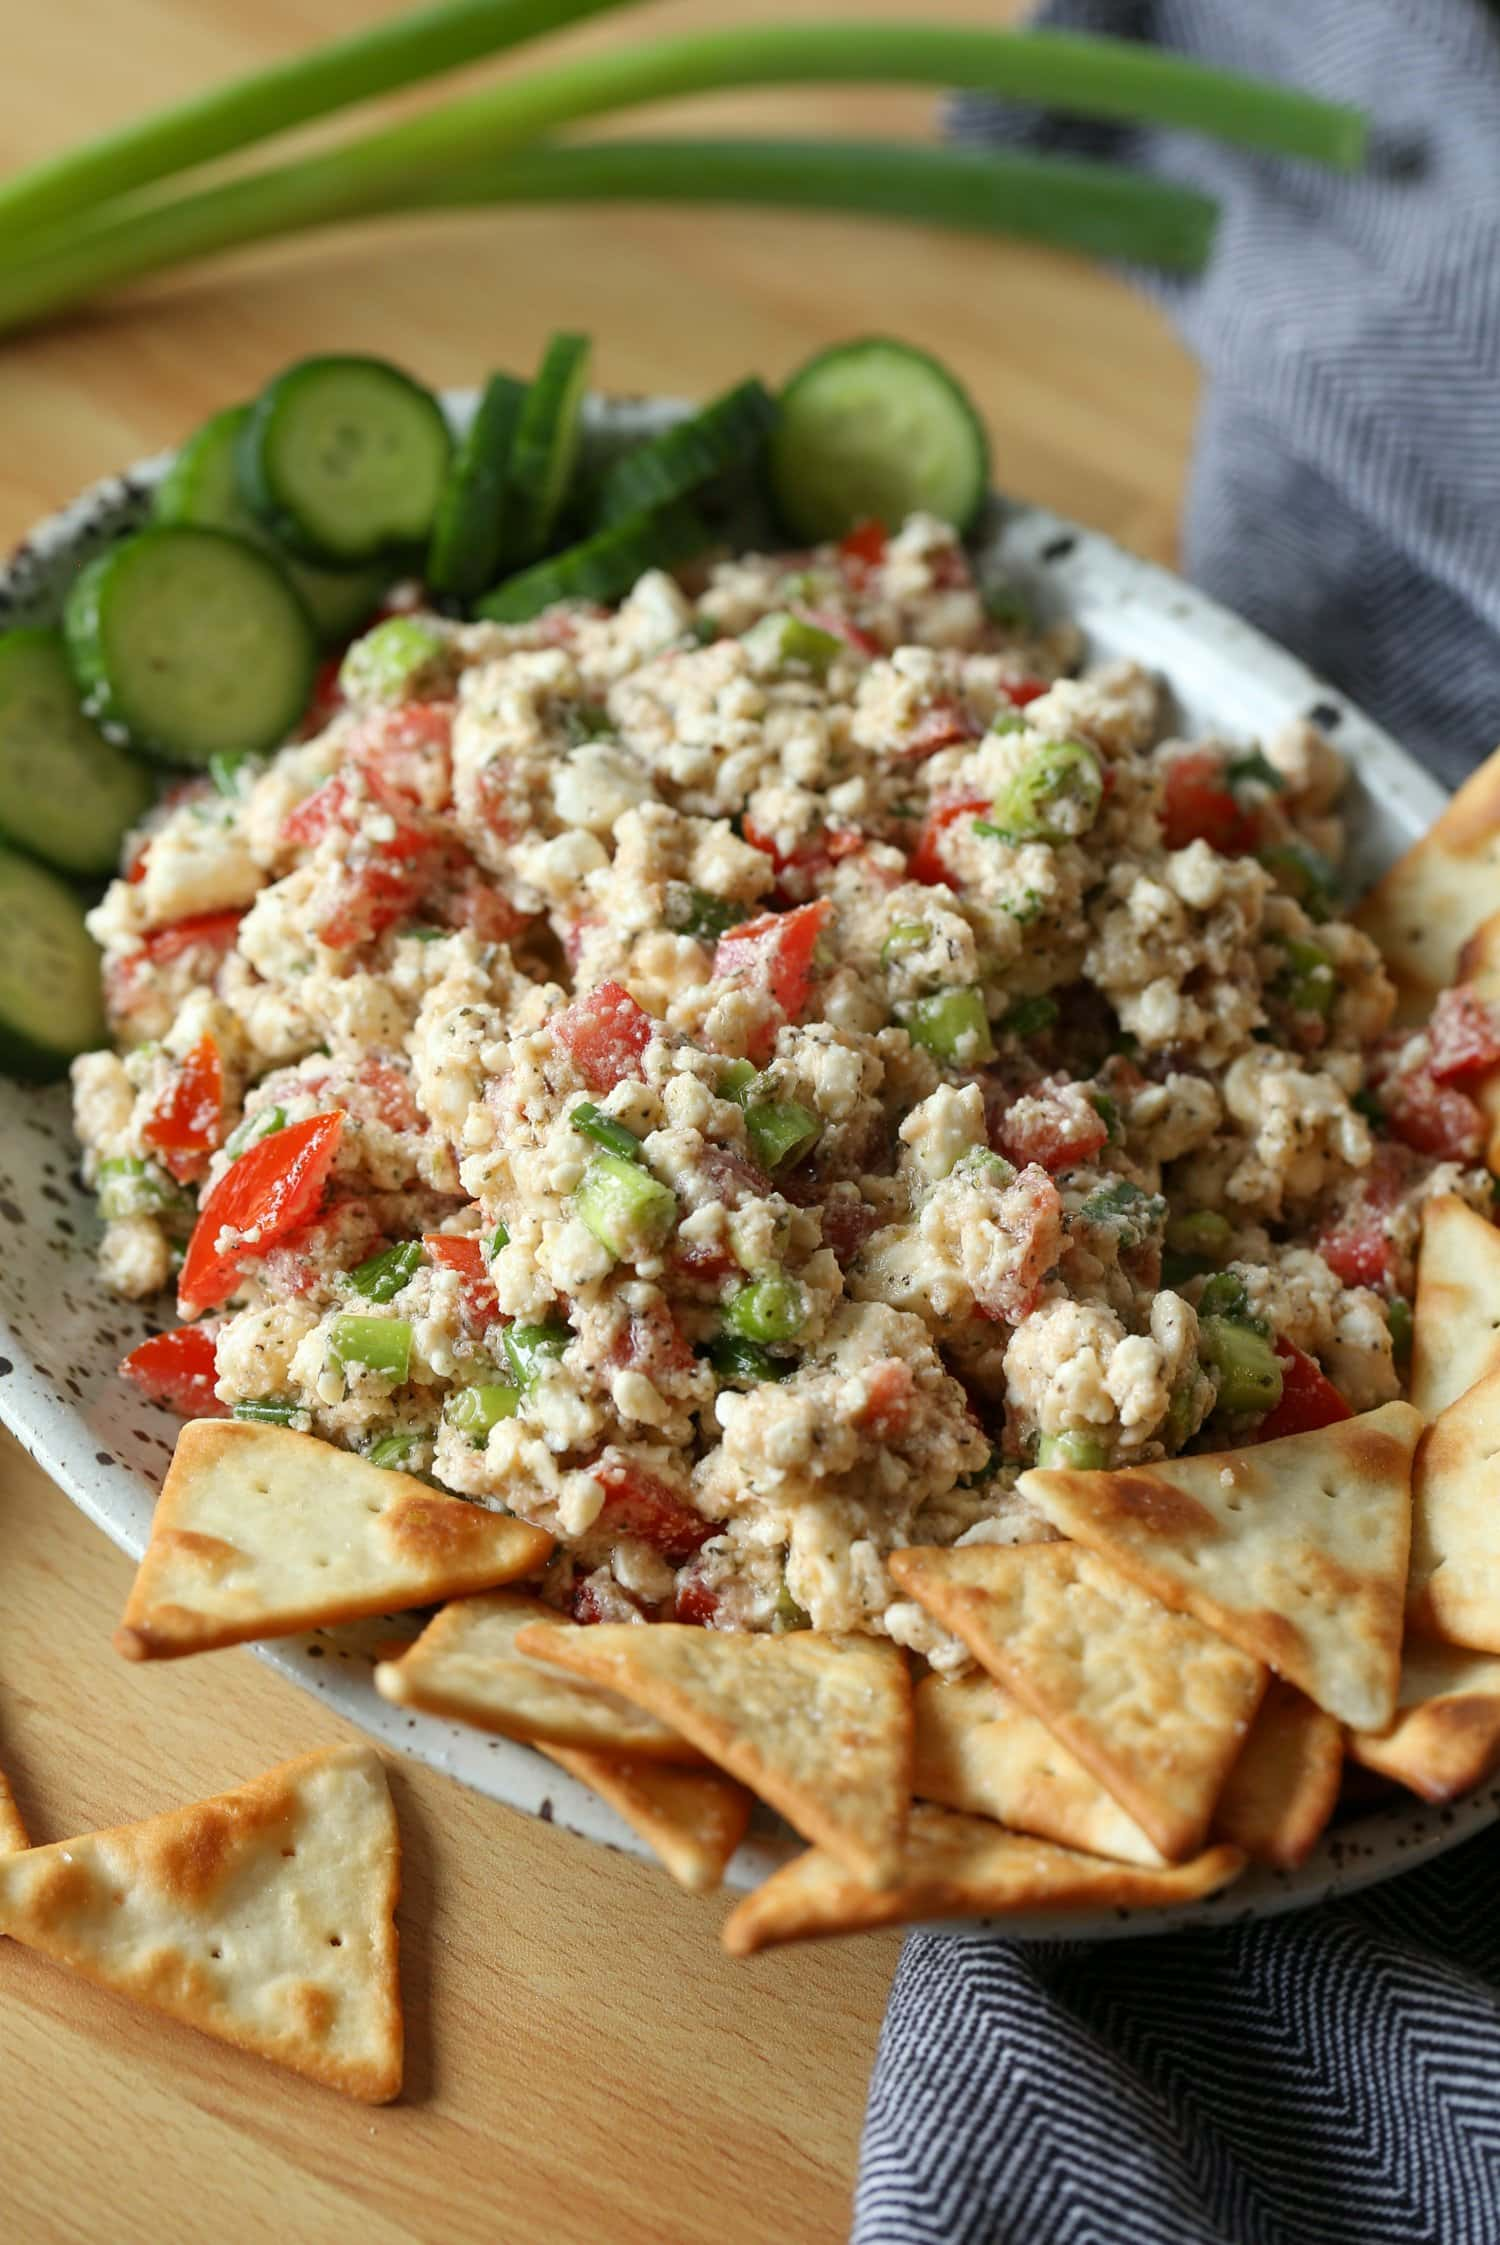 Greek dip with feta cheese and greek seasoning